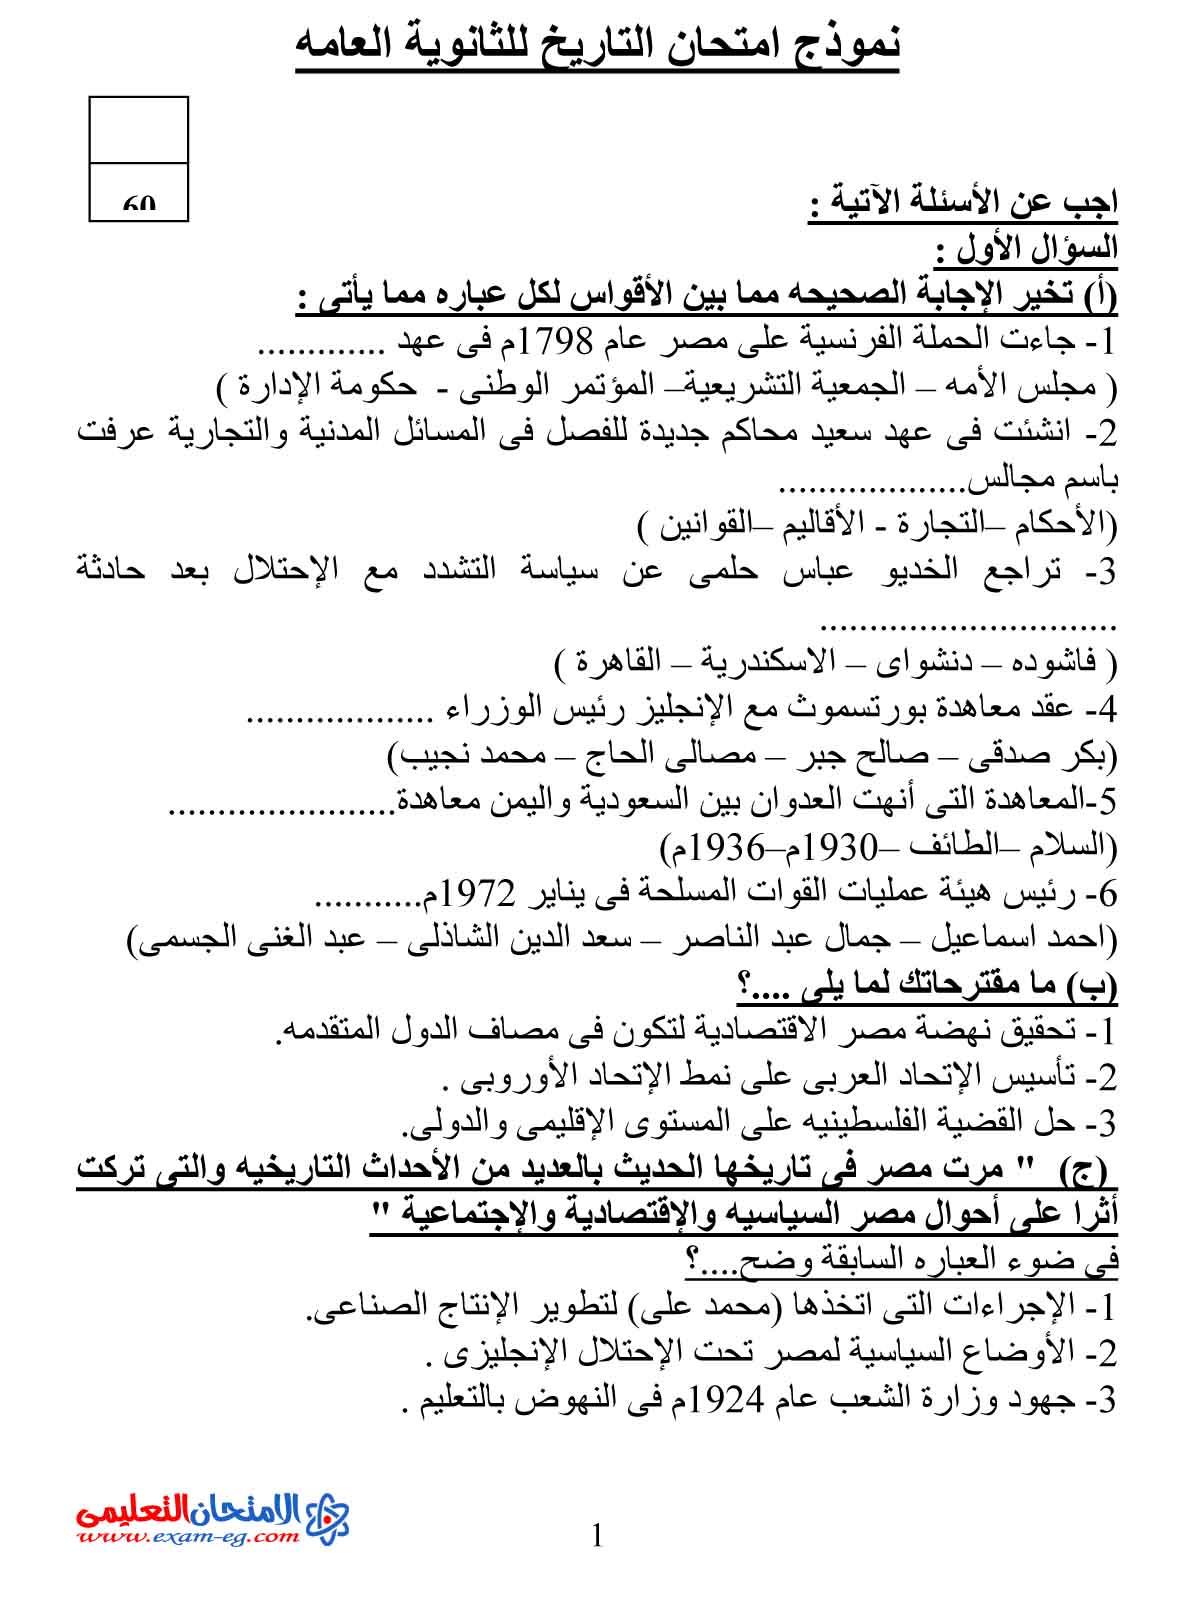 امتحان السودان فى التاريخ